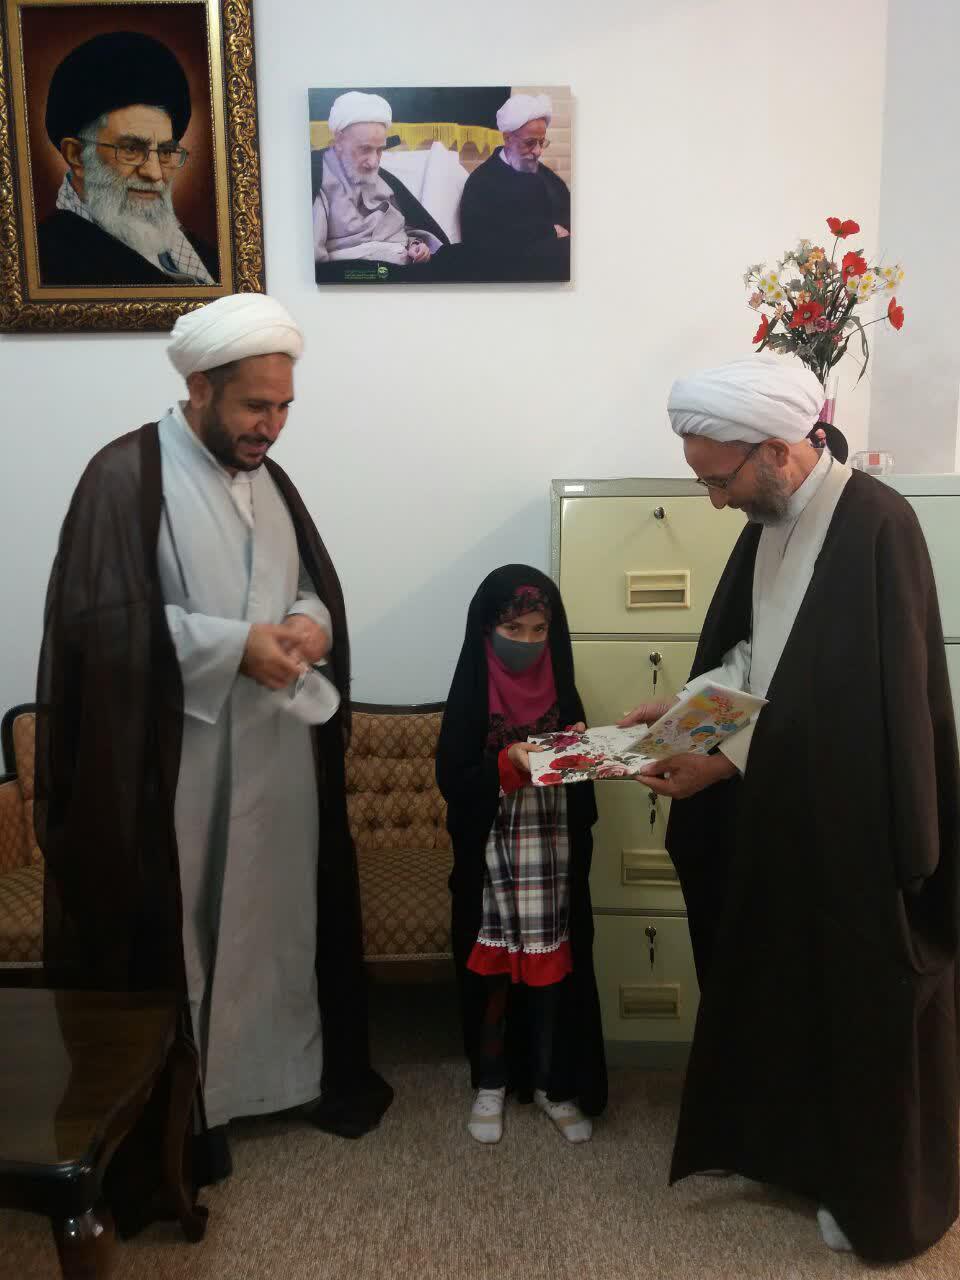 آیت الله محمود رجبی از کوچکترین نویسنده کشور با موضوع شهید سلیمانی تجلیل کرد.